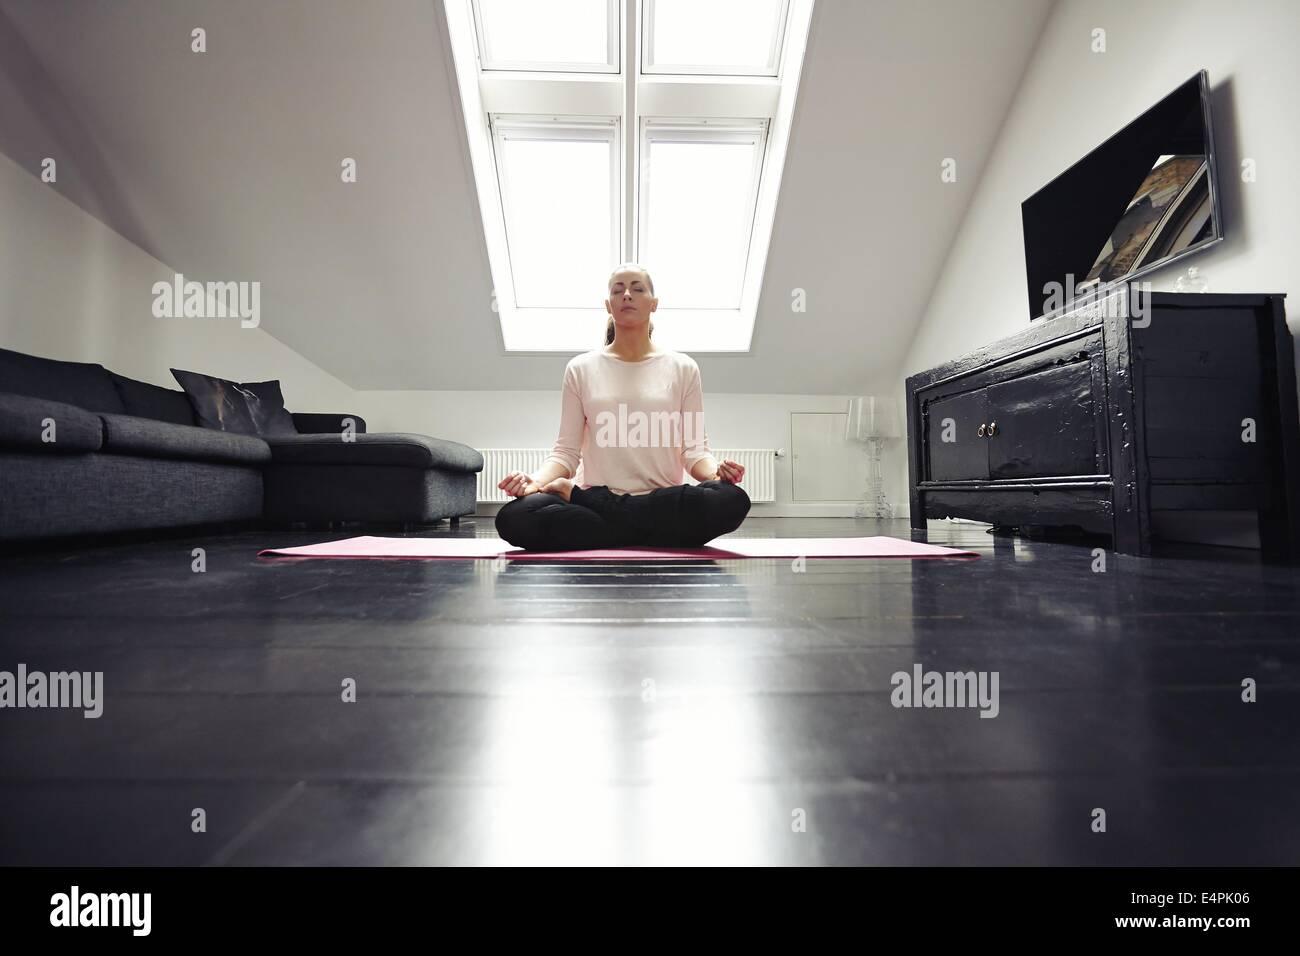 Porträt Der Gesunde Junge Frau, Die Ausübung Von Yoga Im Wohnzimmer.  Fitness Weibchen